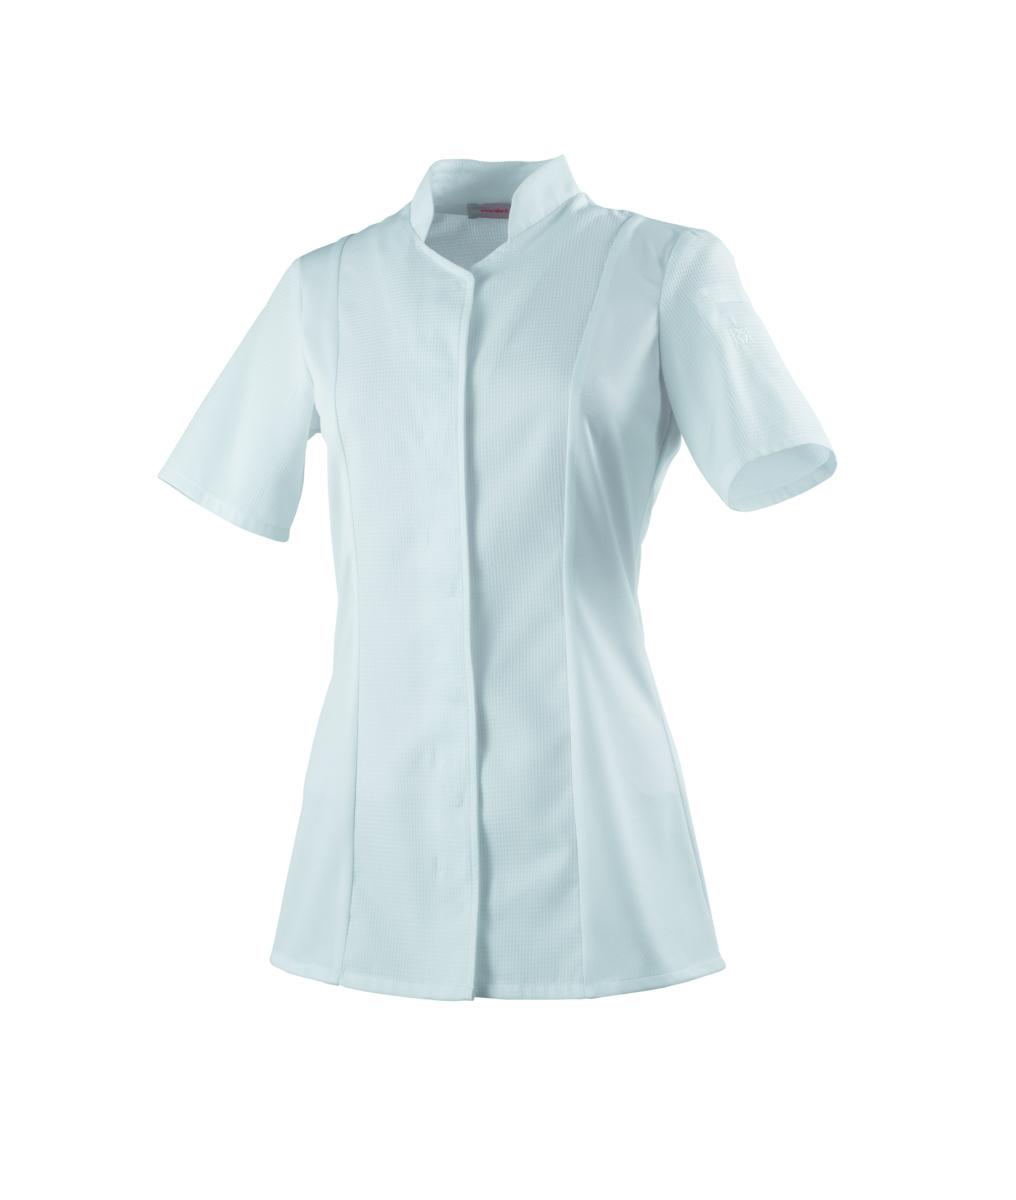 Veste femme manches courtes blanche taille 3 Abella Robur